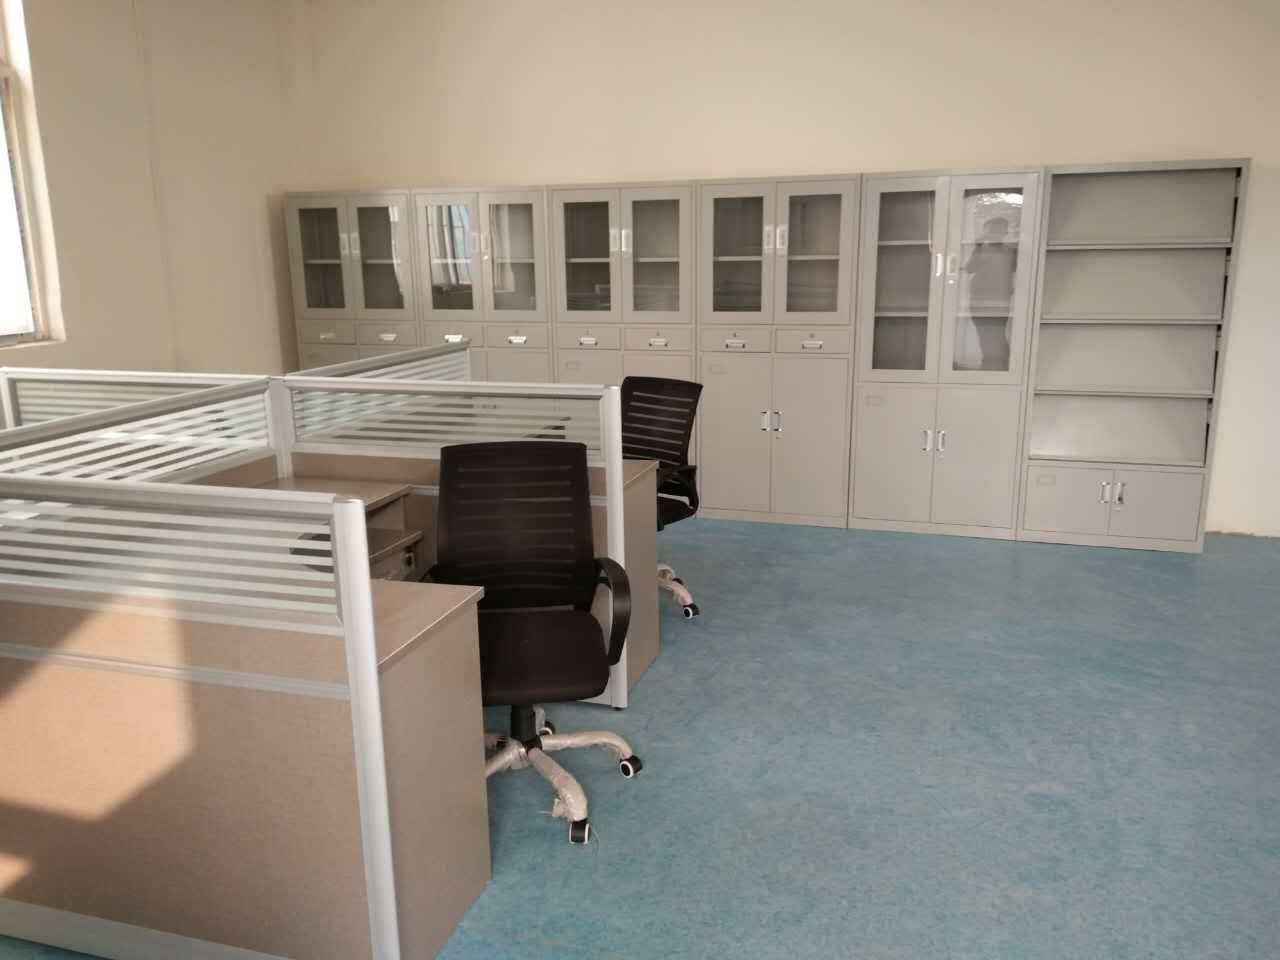 想要买好的办公家具就到鑫森办公家具-城阳办公家具制造公司